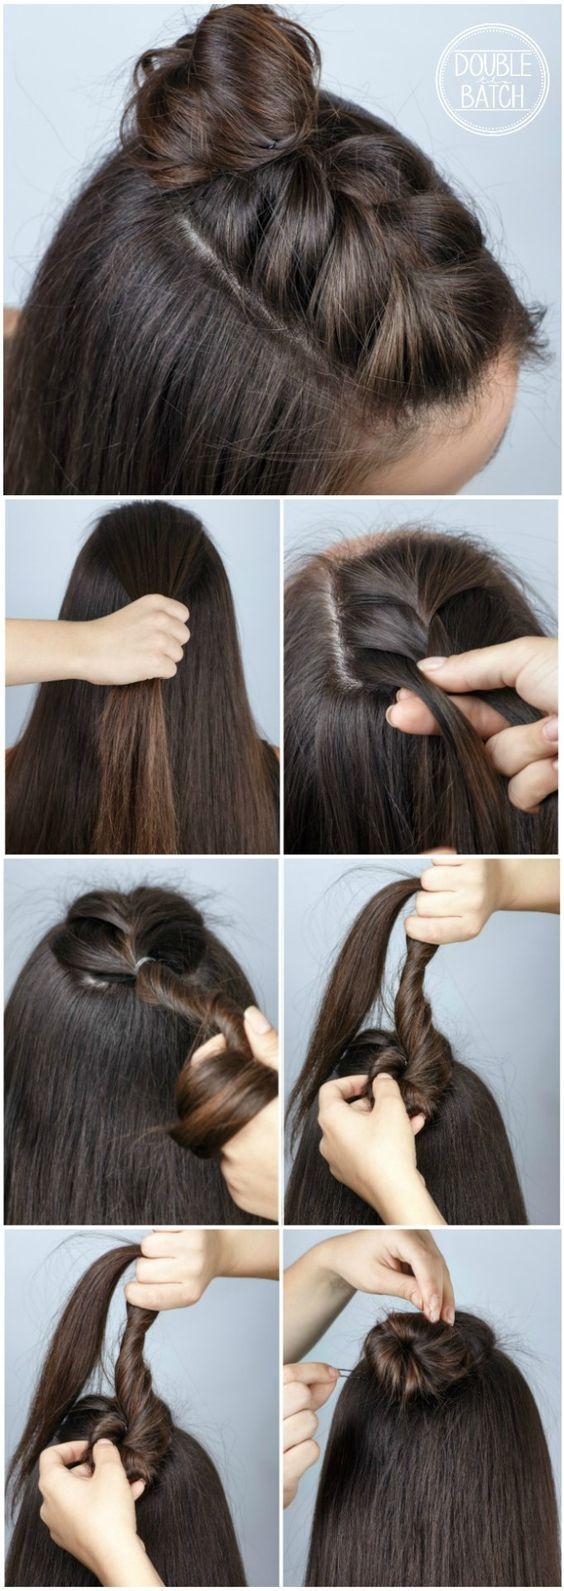 Half braid tutorial video hairstyle tutorial included half braid